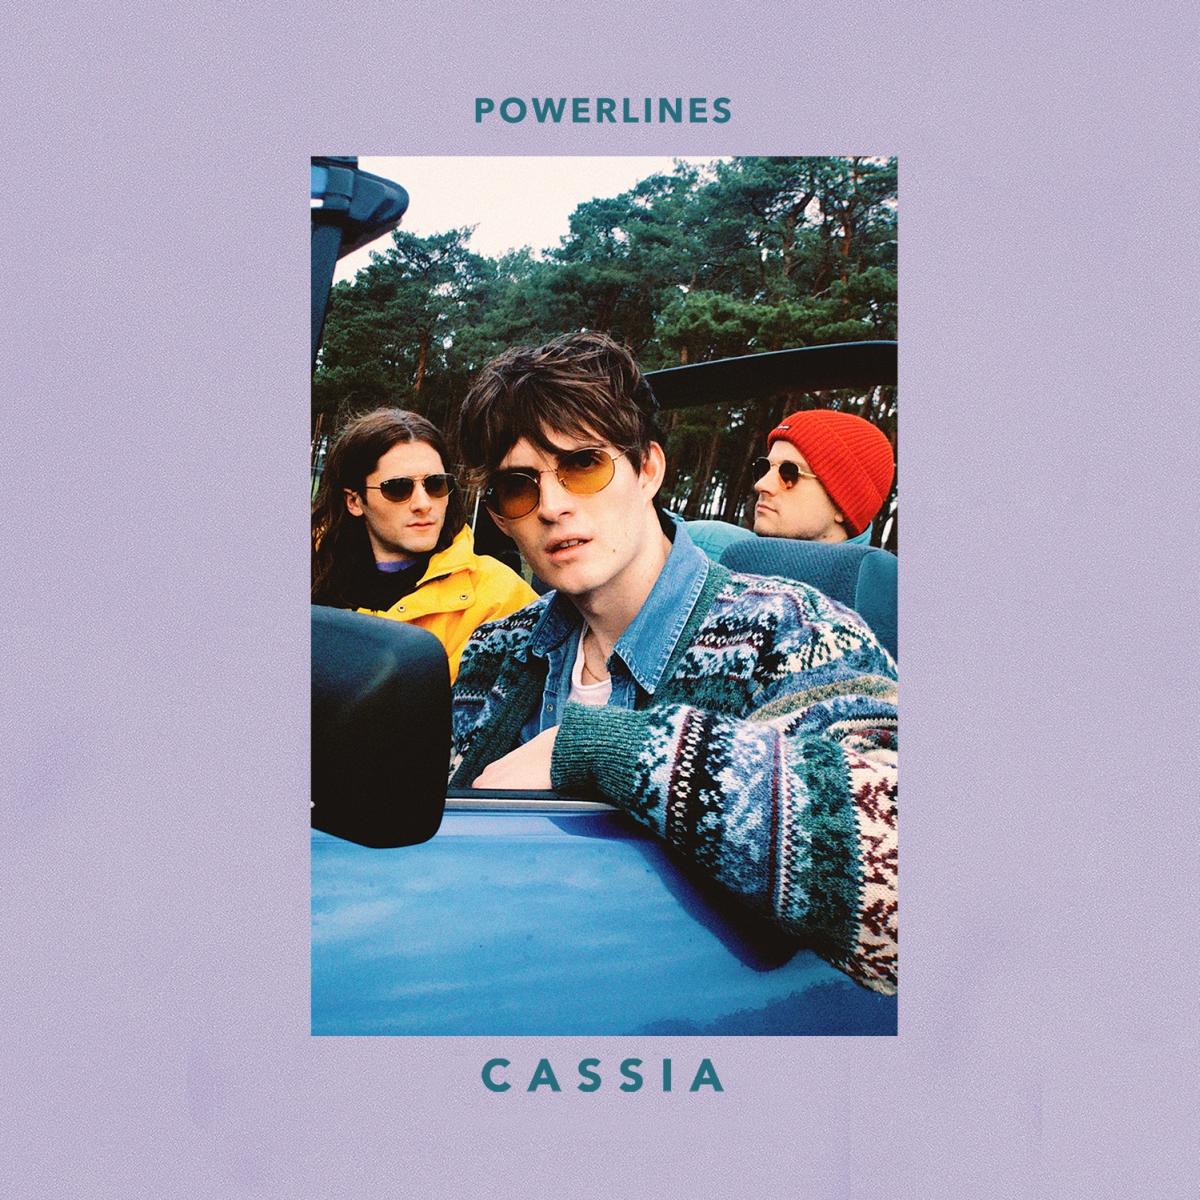 Powerlines EP